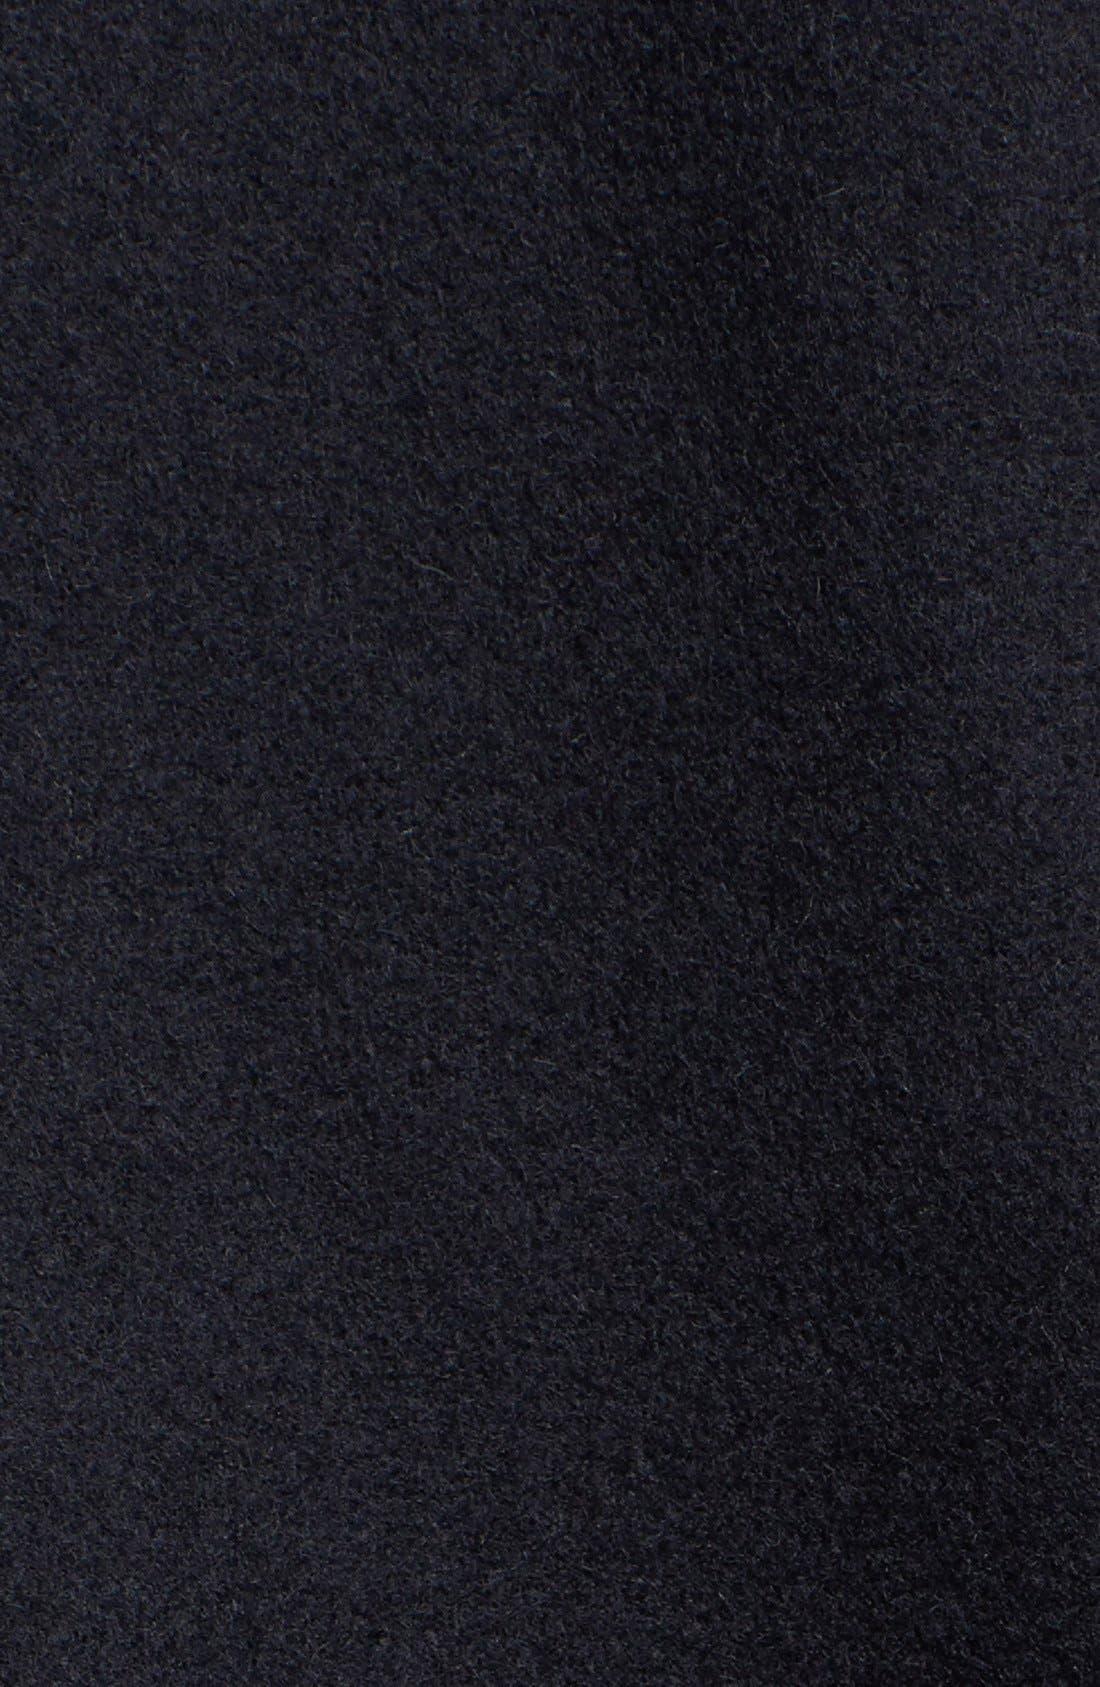 Alternate Image 3  - Diane von Furstenberg 'Eva Melton' Coat